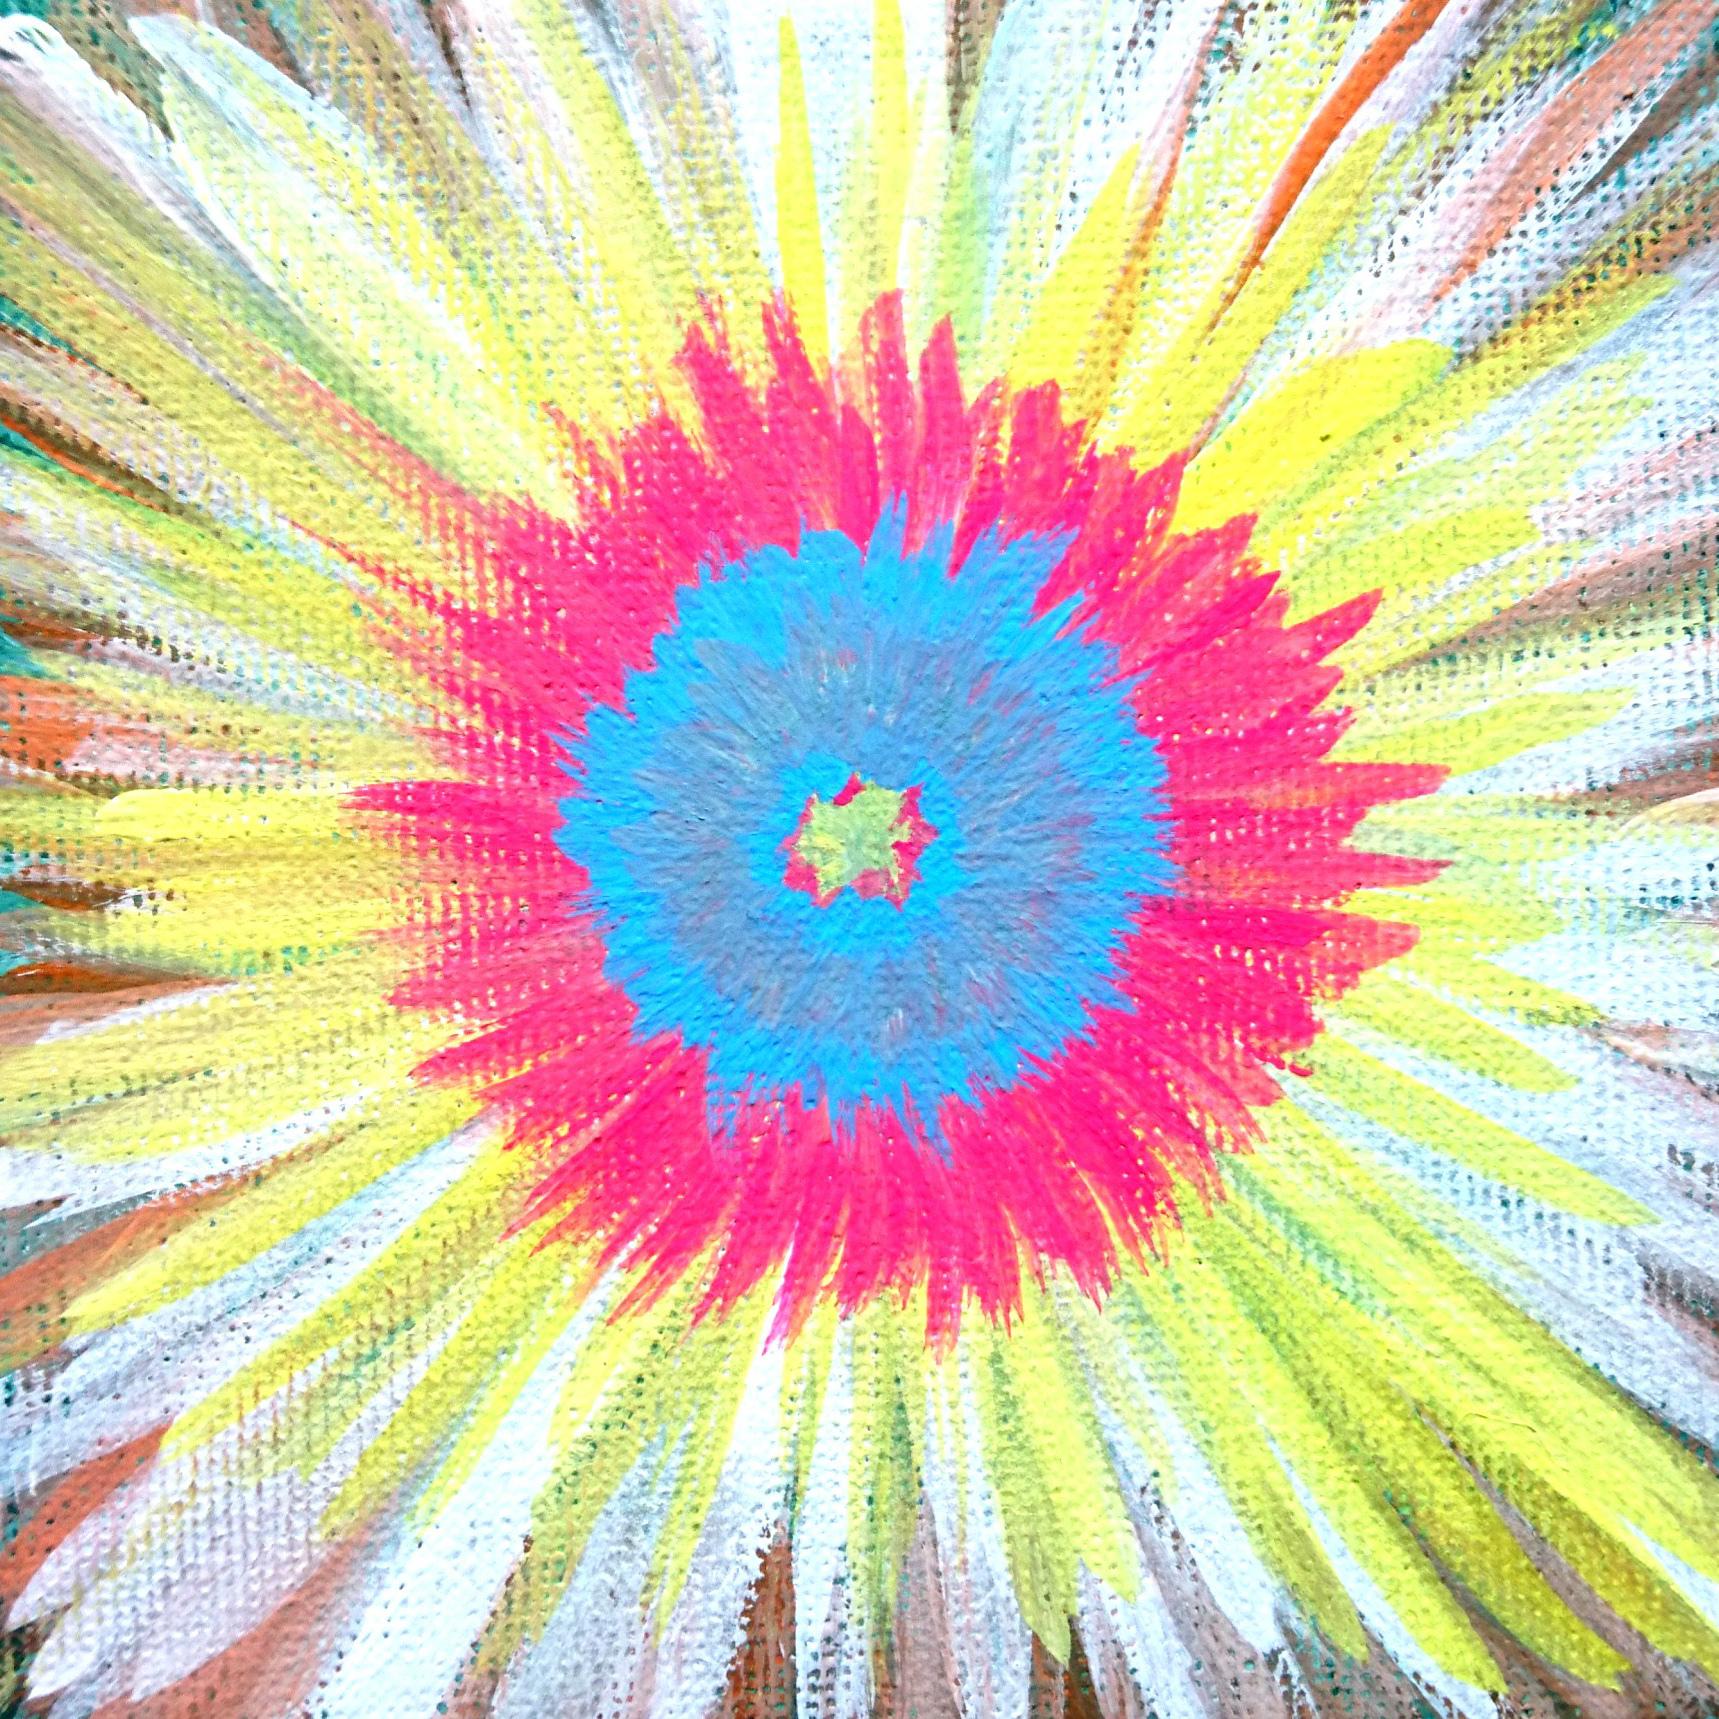 絵画 絵 ピクチャー 縁起画 モダン シェアハウス アートパネル アート art 14cm×14cm 一人暮らし 送料無料 インテリア 雑貨 壁掛け 置物 おしゃれ 抽象画 ロココロ 画家 : ごま 作品 : はじまりのとき。